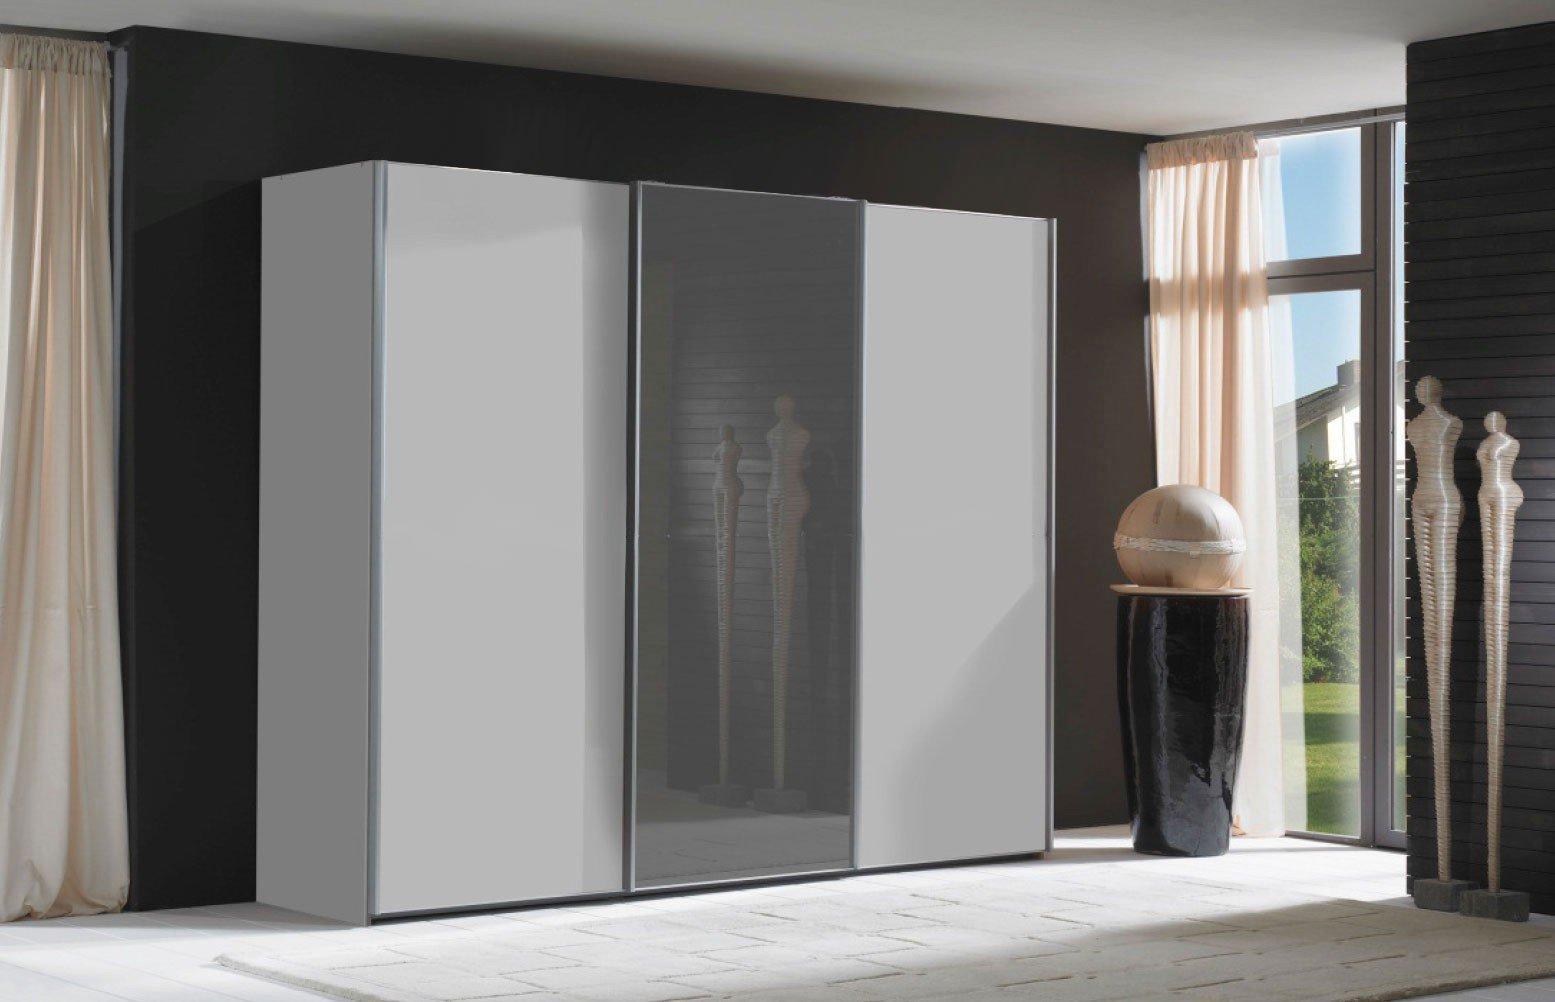 Superb Einfache Dekoration Und Mobel Individuelle Schraenke Made In Germany 2 #10: Miami Von Wiemann - Schrank Alpinweiß - Graphit-Glas